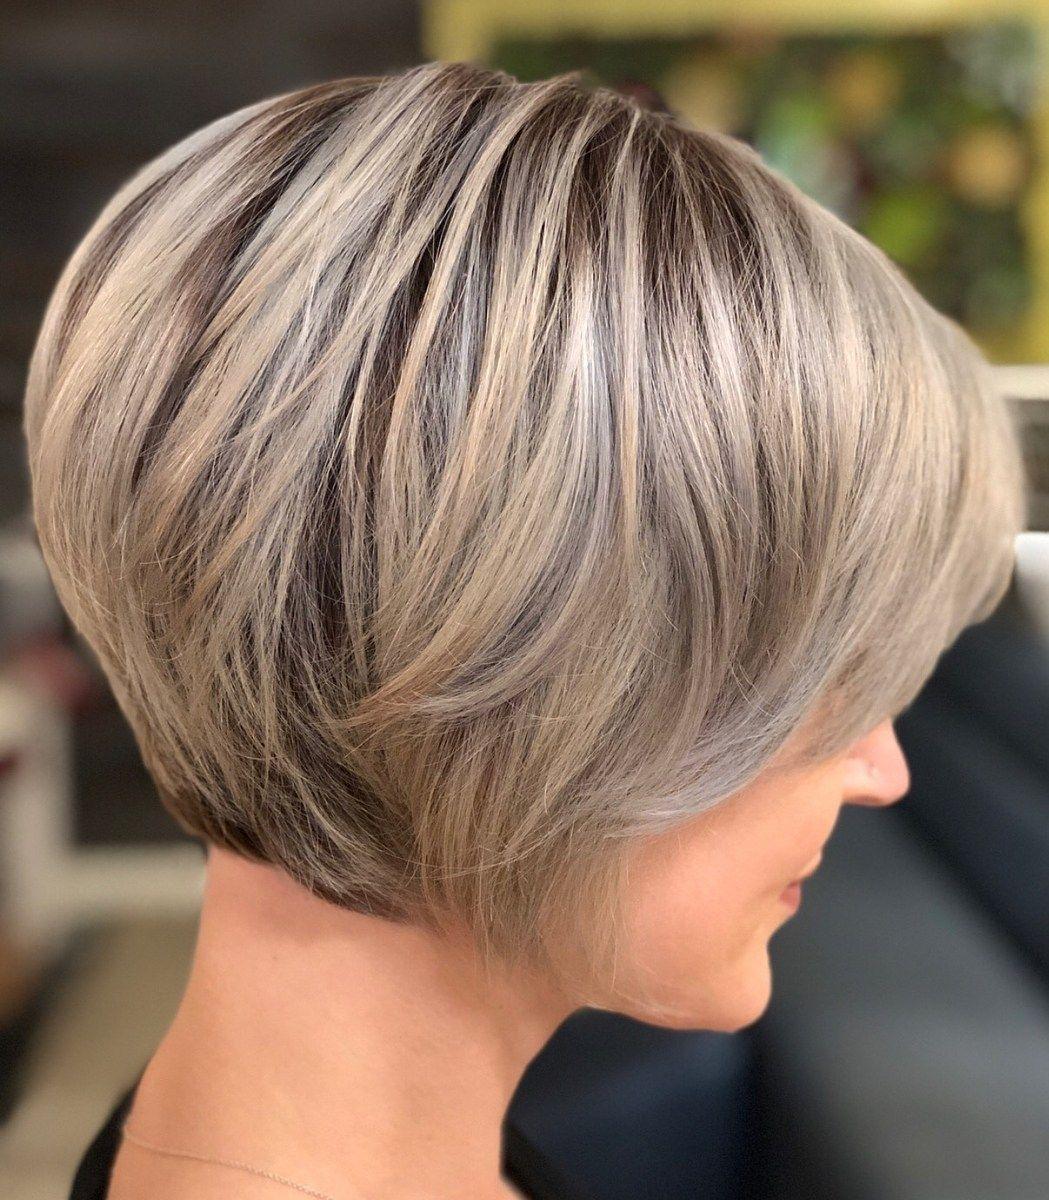 7 Ideeen Over Kapsels Kort Grijs Haar Kapsels Haar Kort Haar